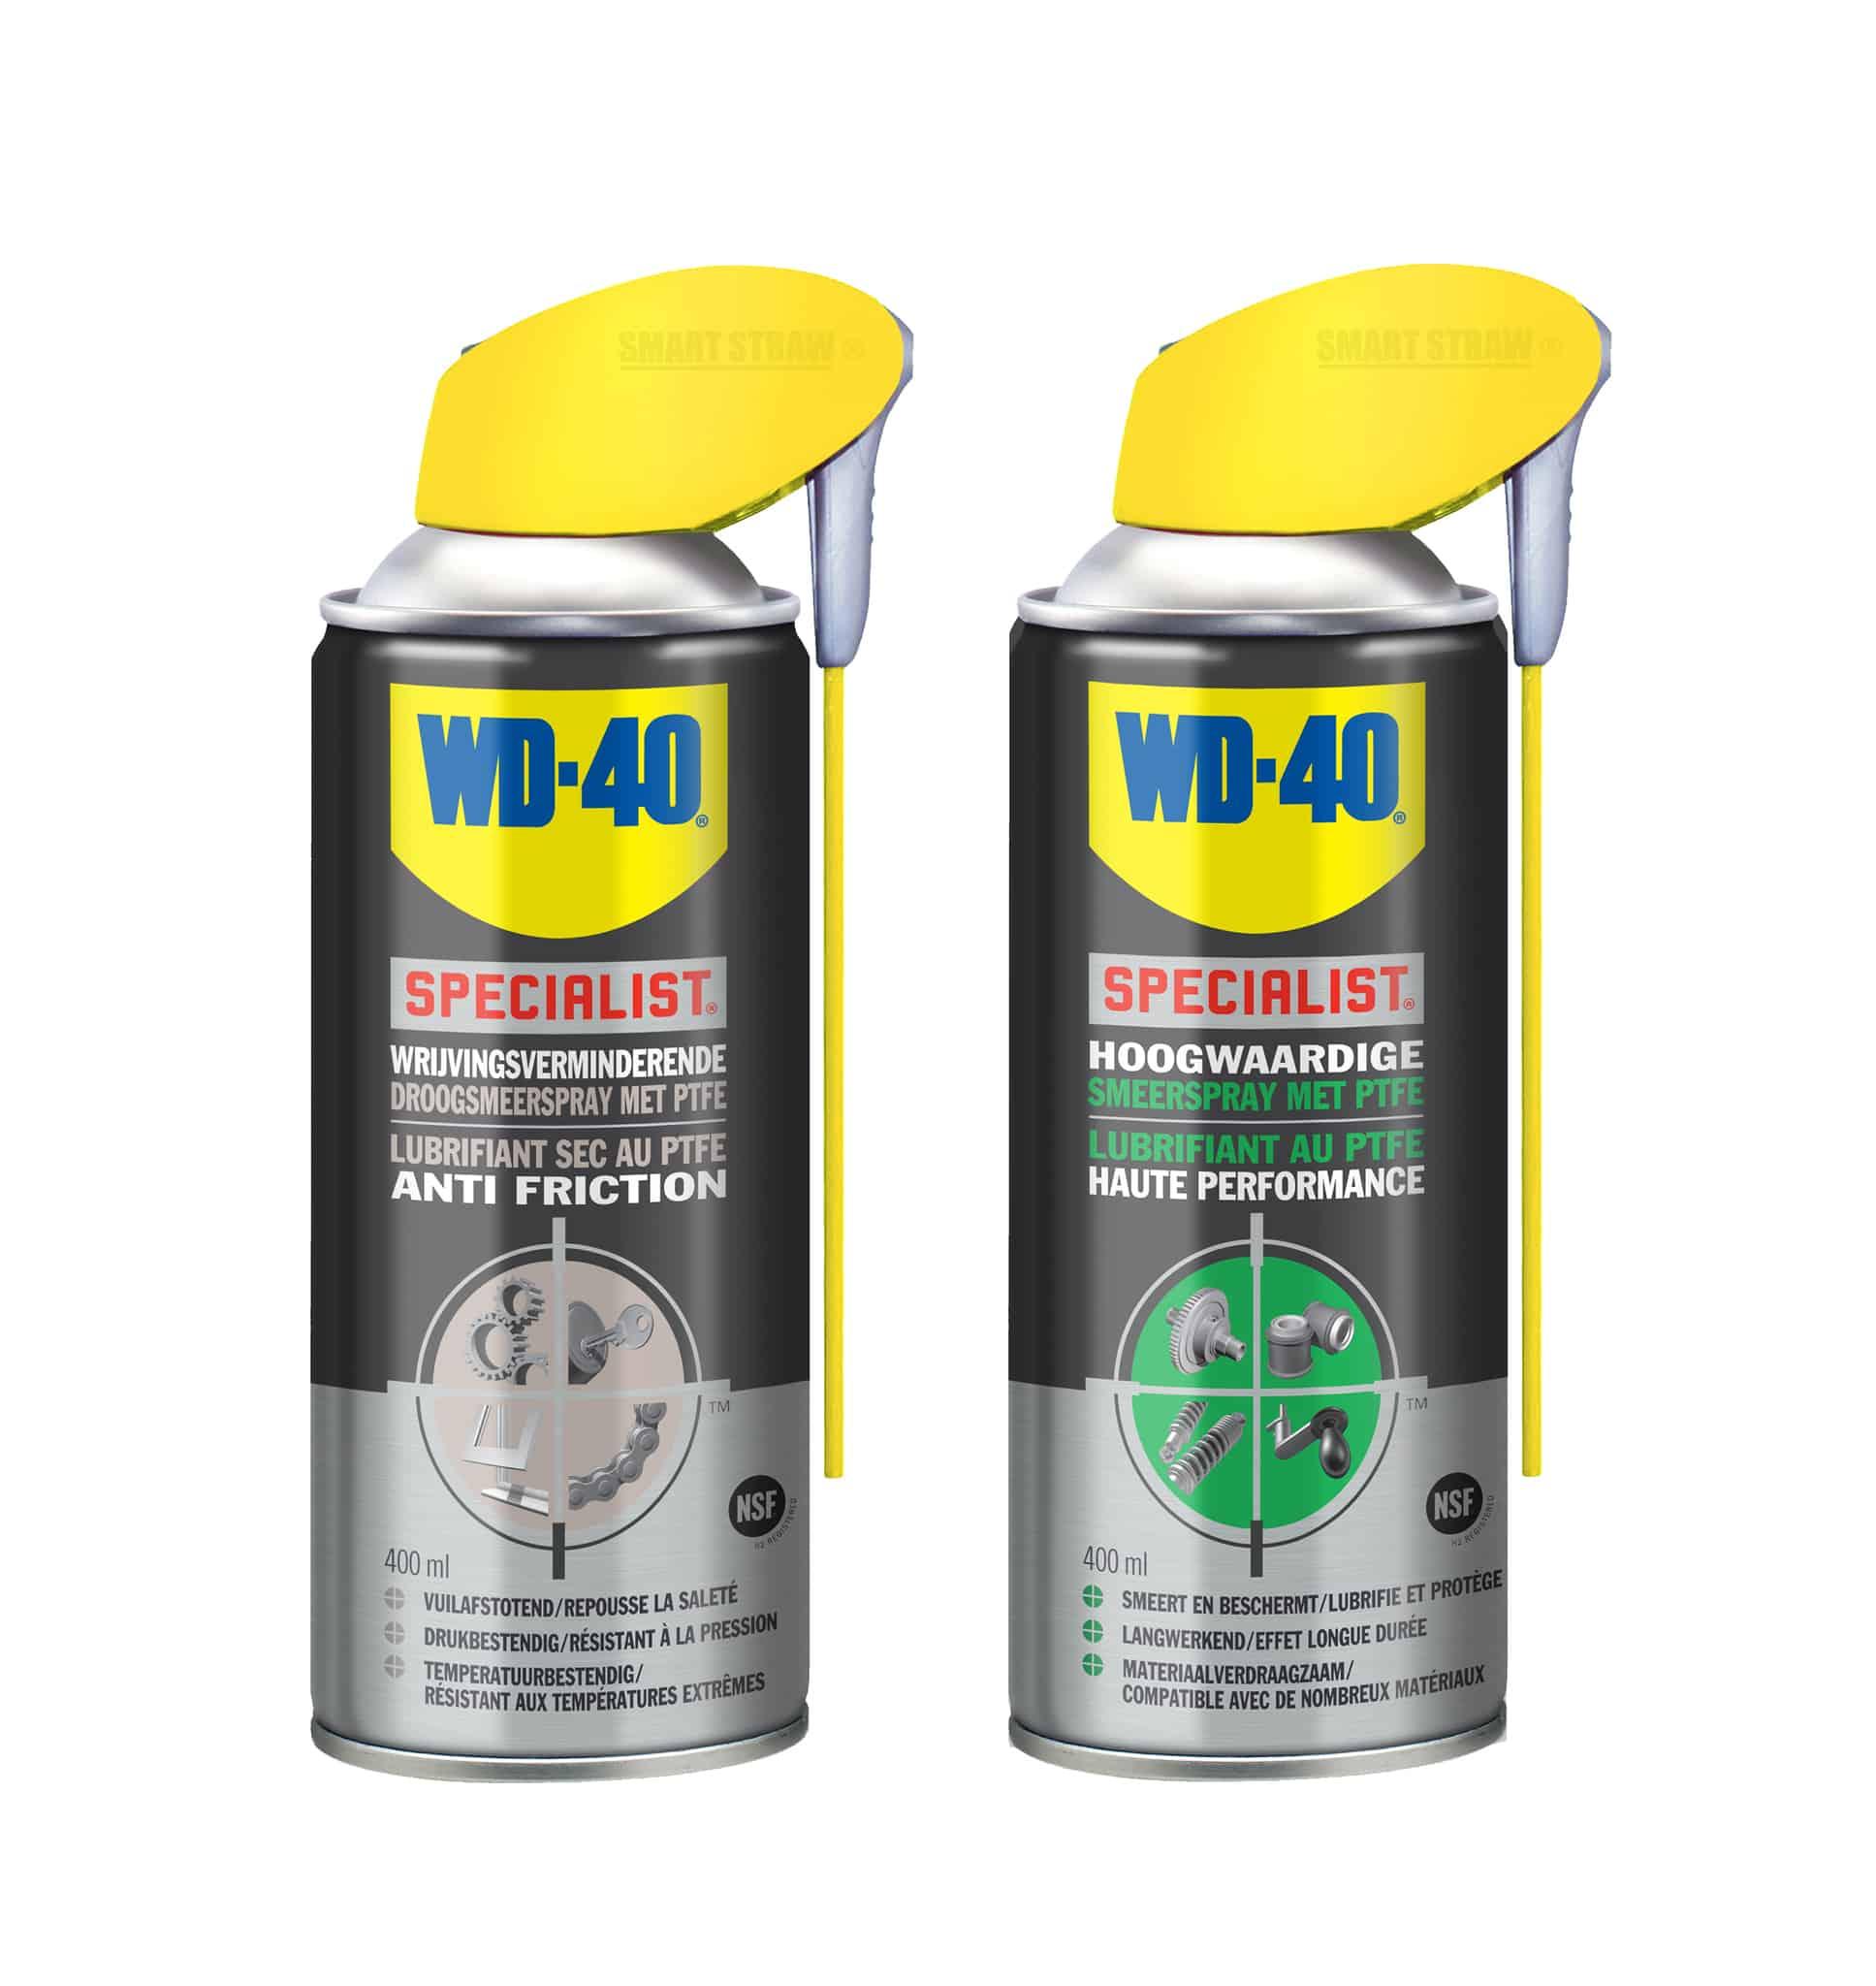 droogsmeerspray smeerspray teflon en PTFE teflonspray